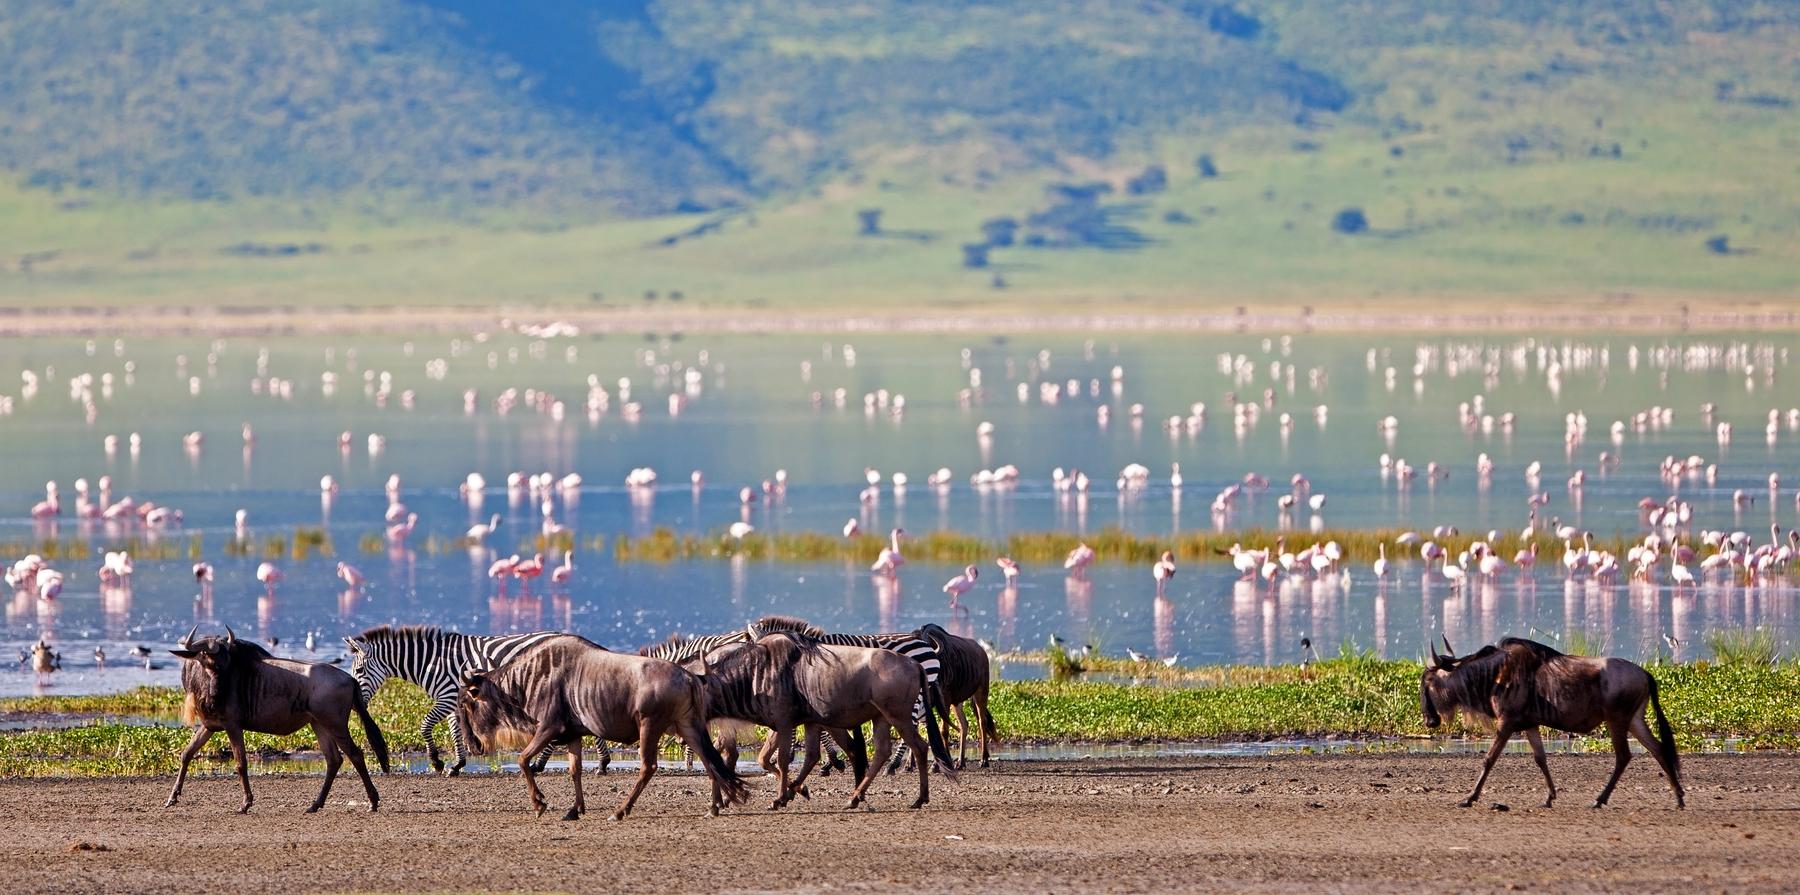 Миграция животных в Танзании